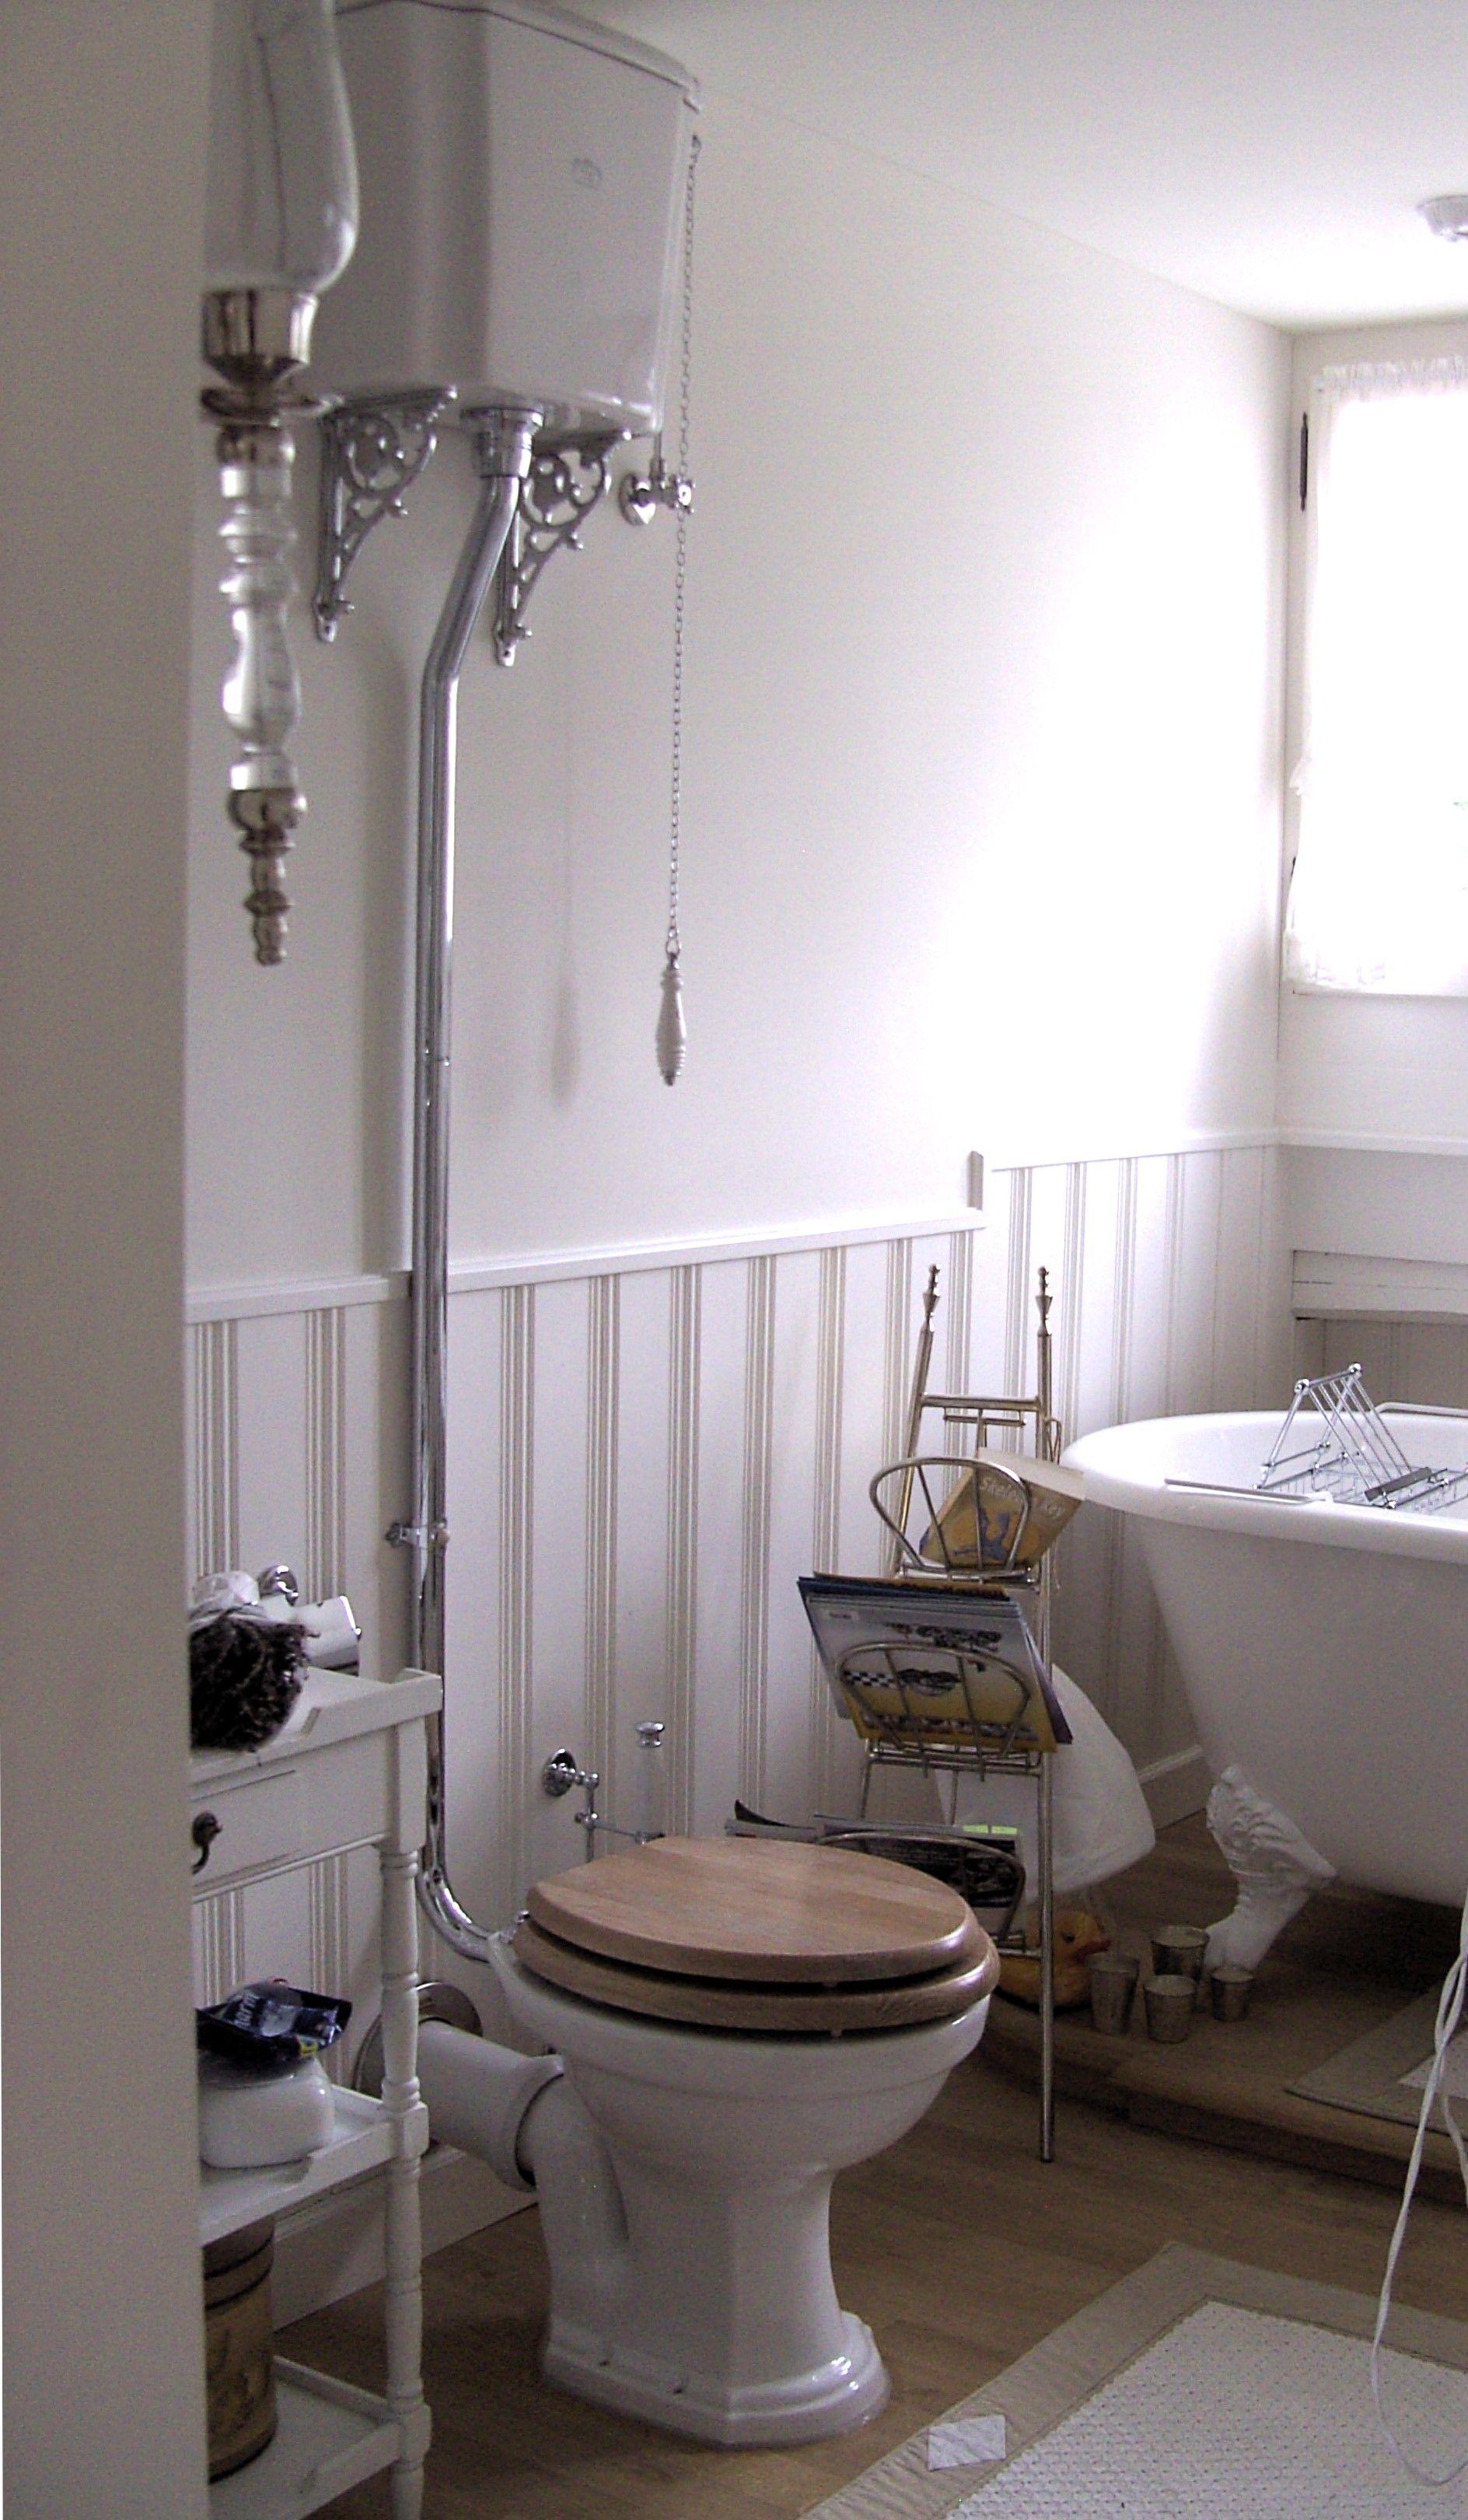 Erinnern Sie Sich Noch An Den Hochhangenden Spulkasten Mit Klassischer Spulkette Es Gibt Sie Noch Dies Badezimmer Traditionelle Bader Badezimmer Nostalgisch